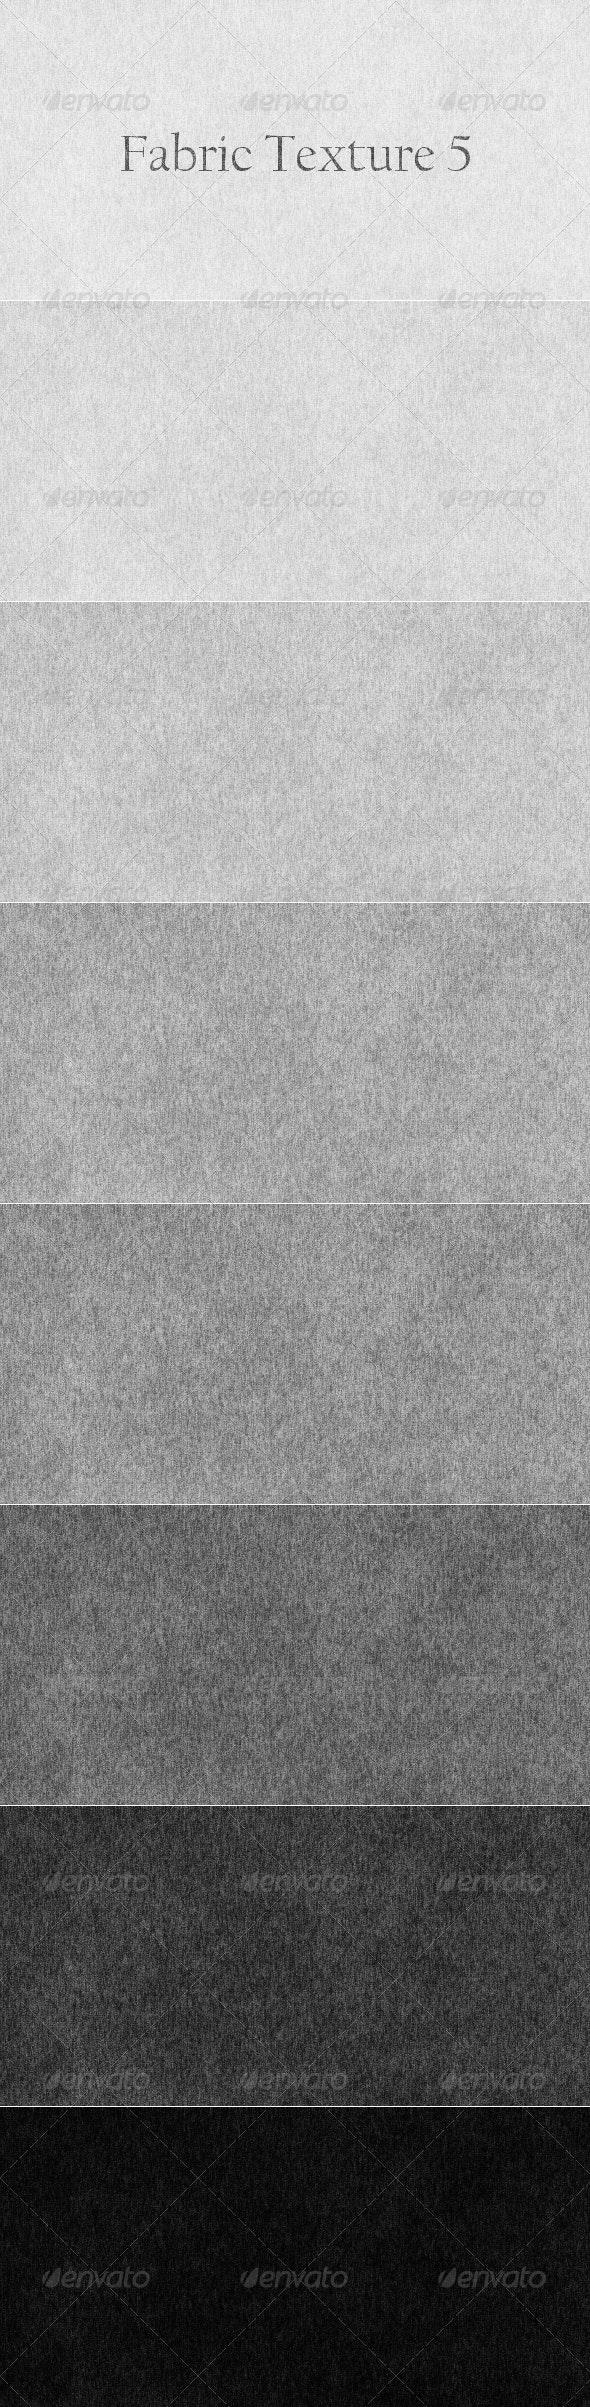 Fabric Texture 5 - Fabric Textures